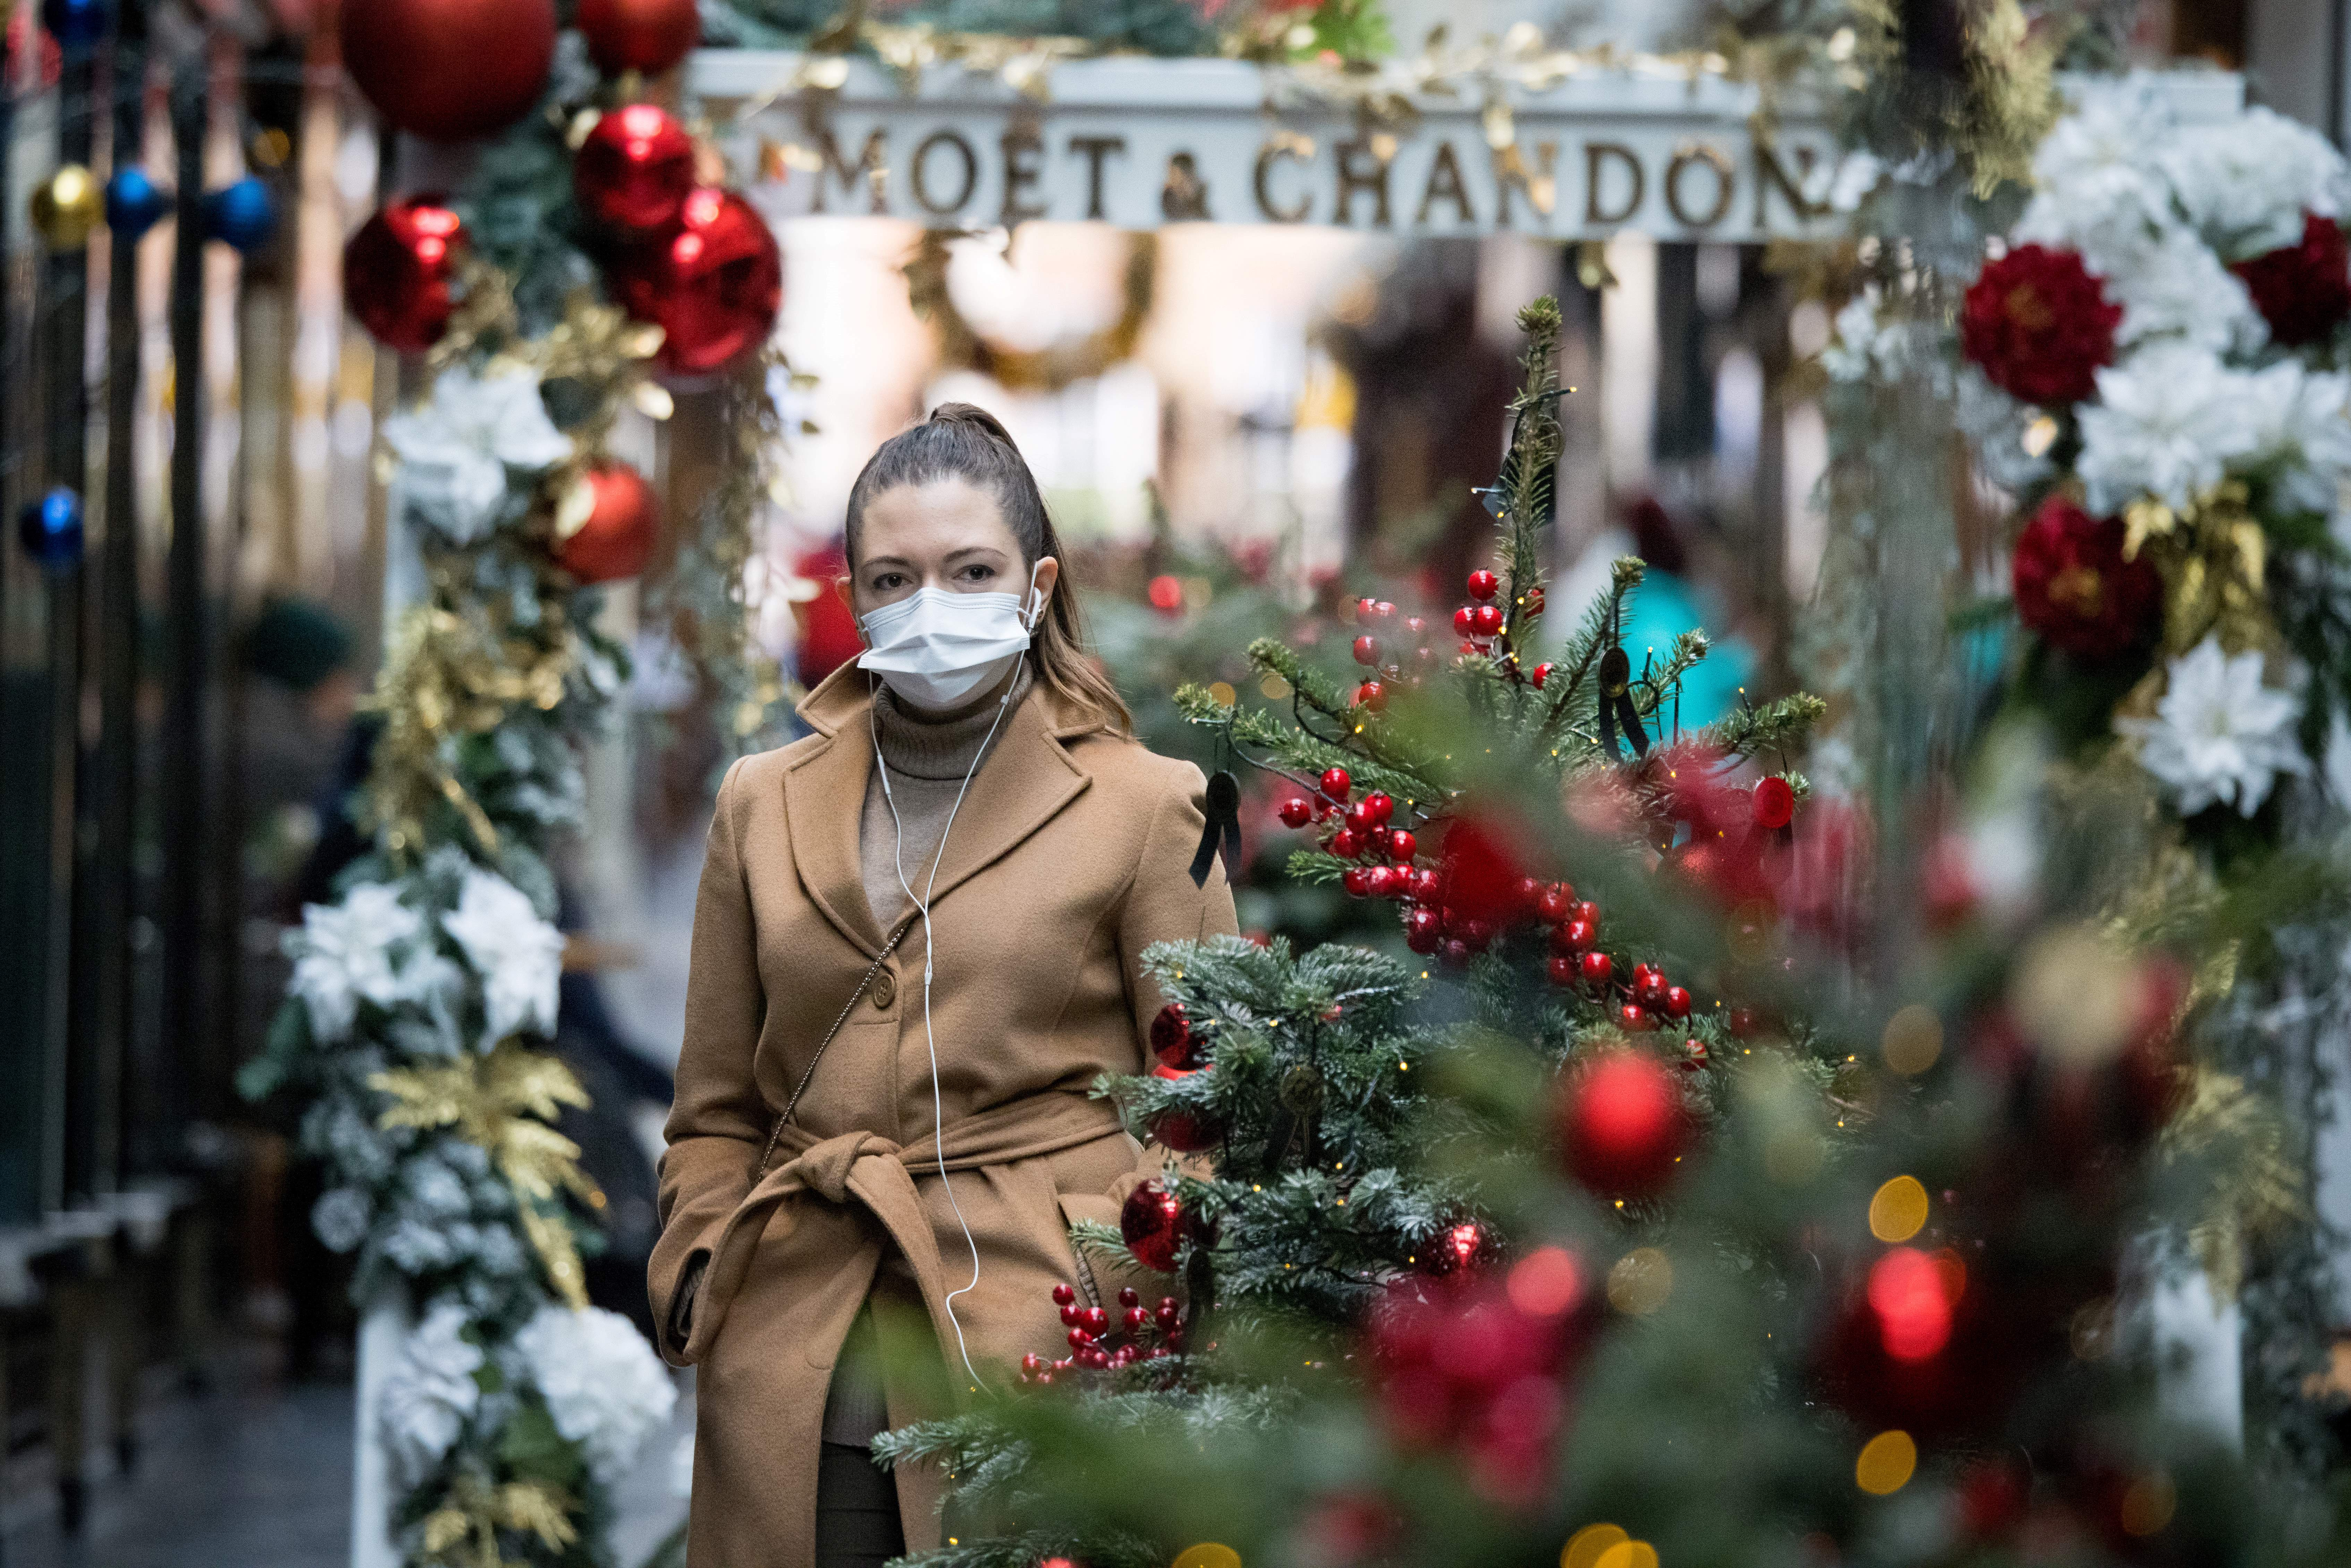 Európa csak félszívvel merte beáldozni a karácsonyt a koronavírus elleni harcban